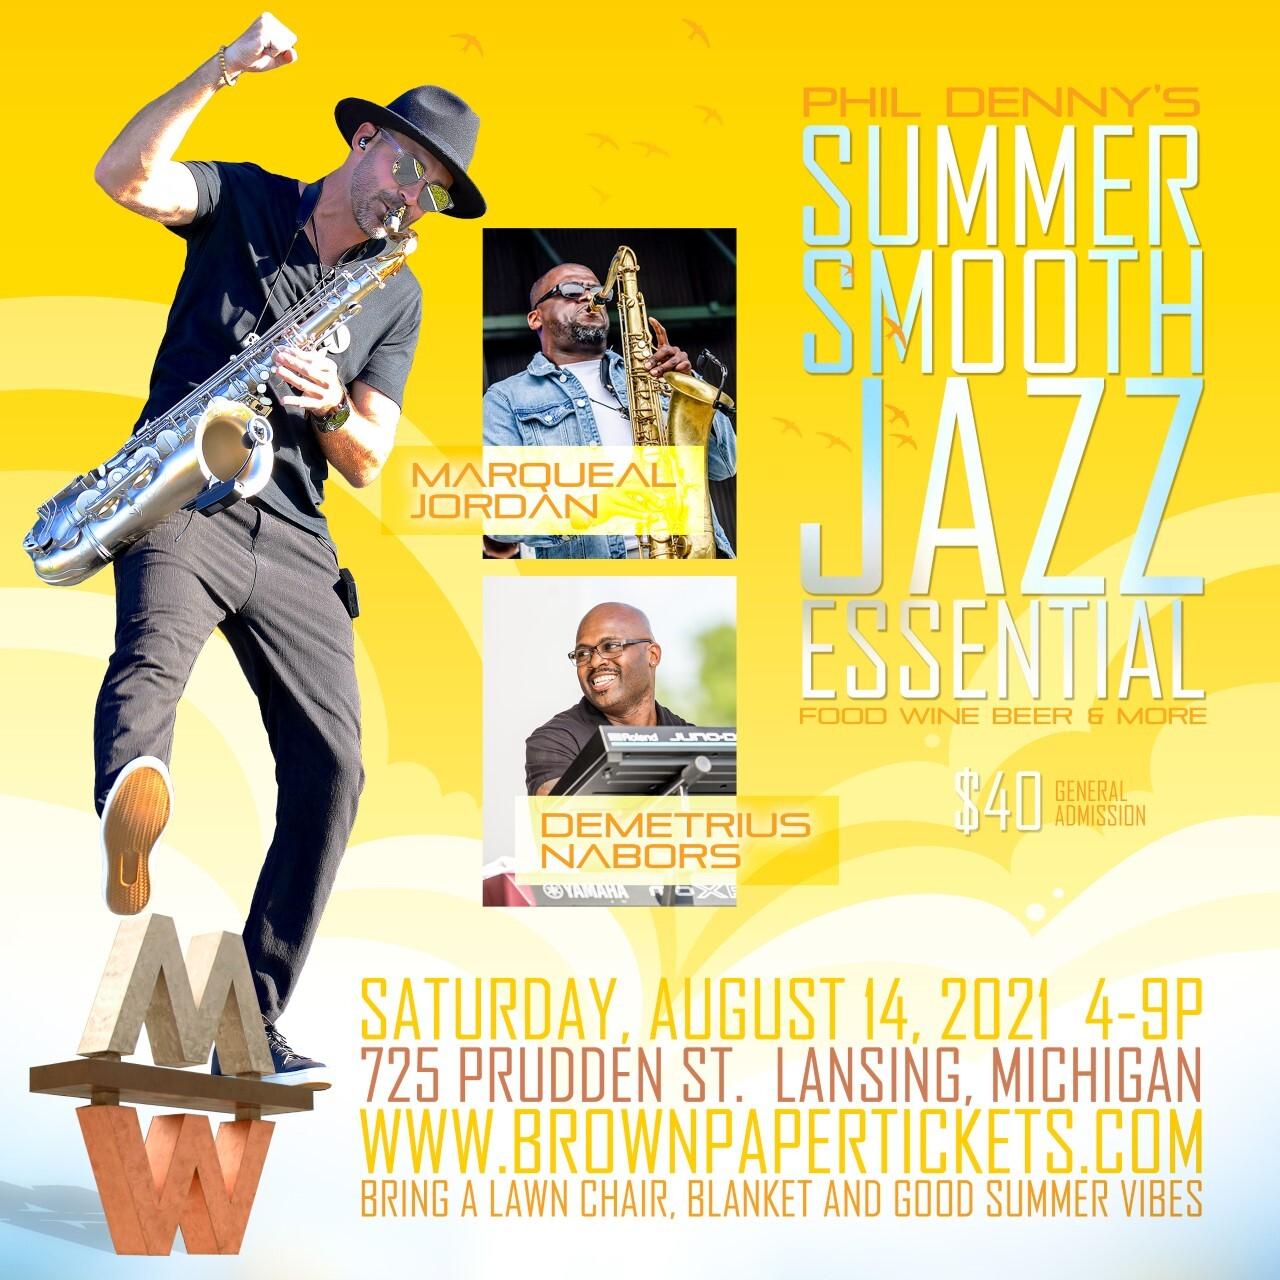 Summer Smoother Jazz Essential flyer